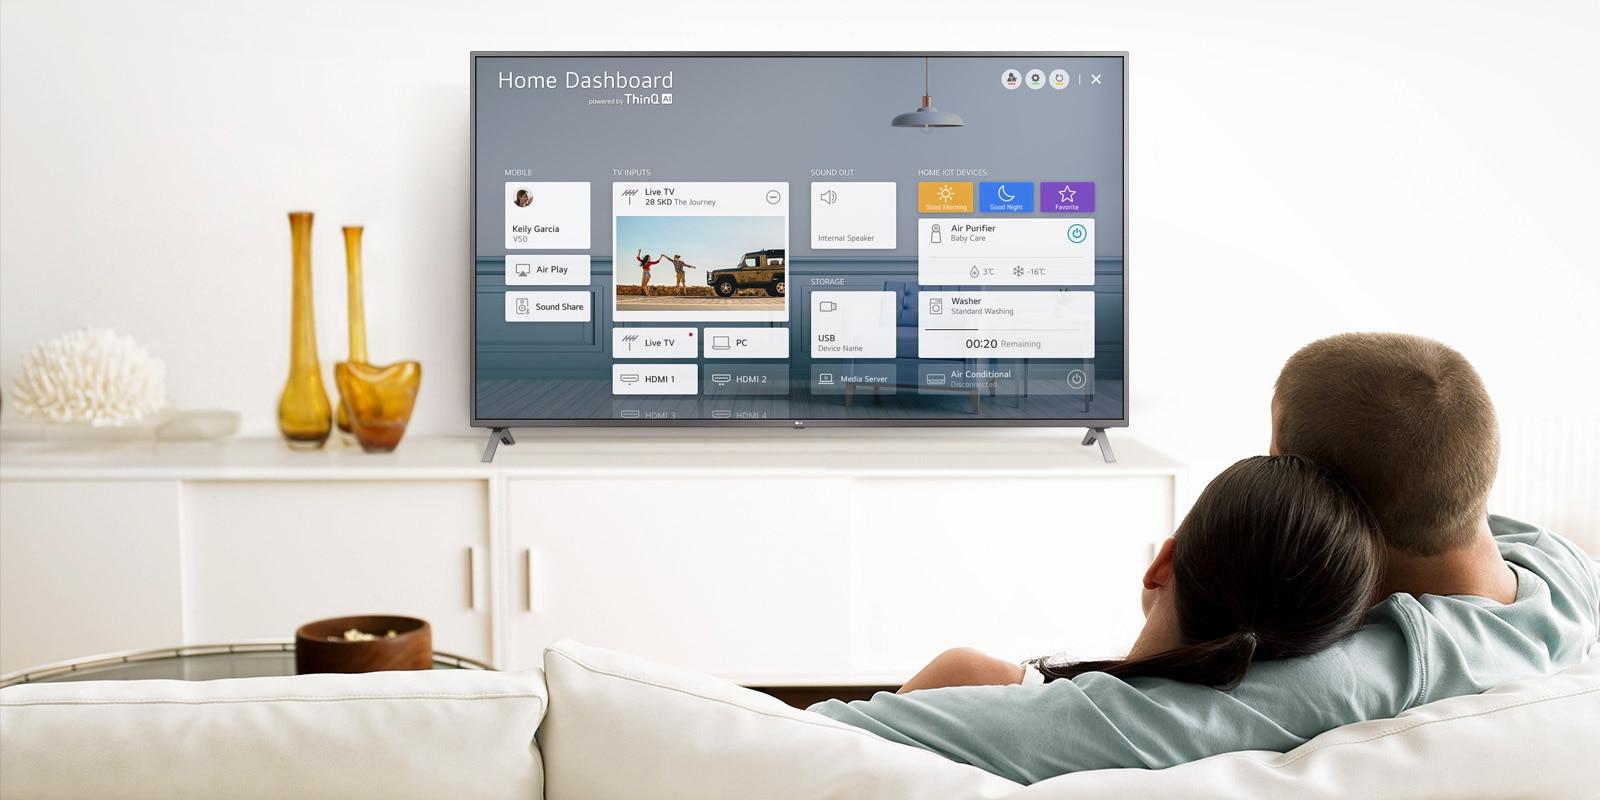 Un hombre y una mujer sentados en un sofá del salón con Home Dashboard en la pantalla del televisor.